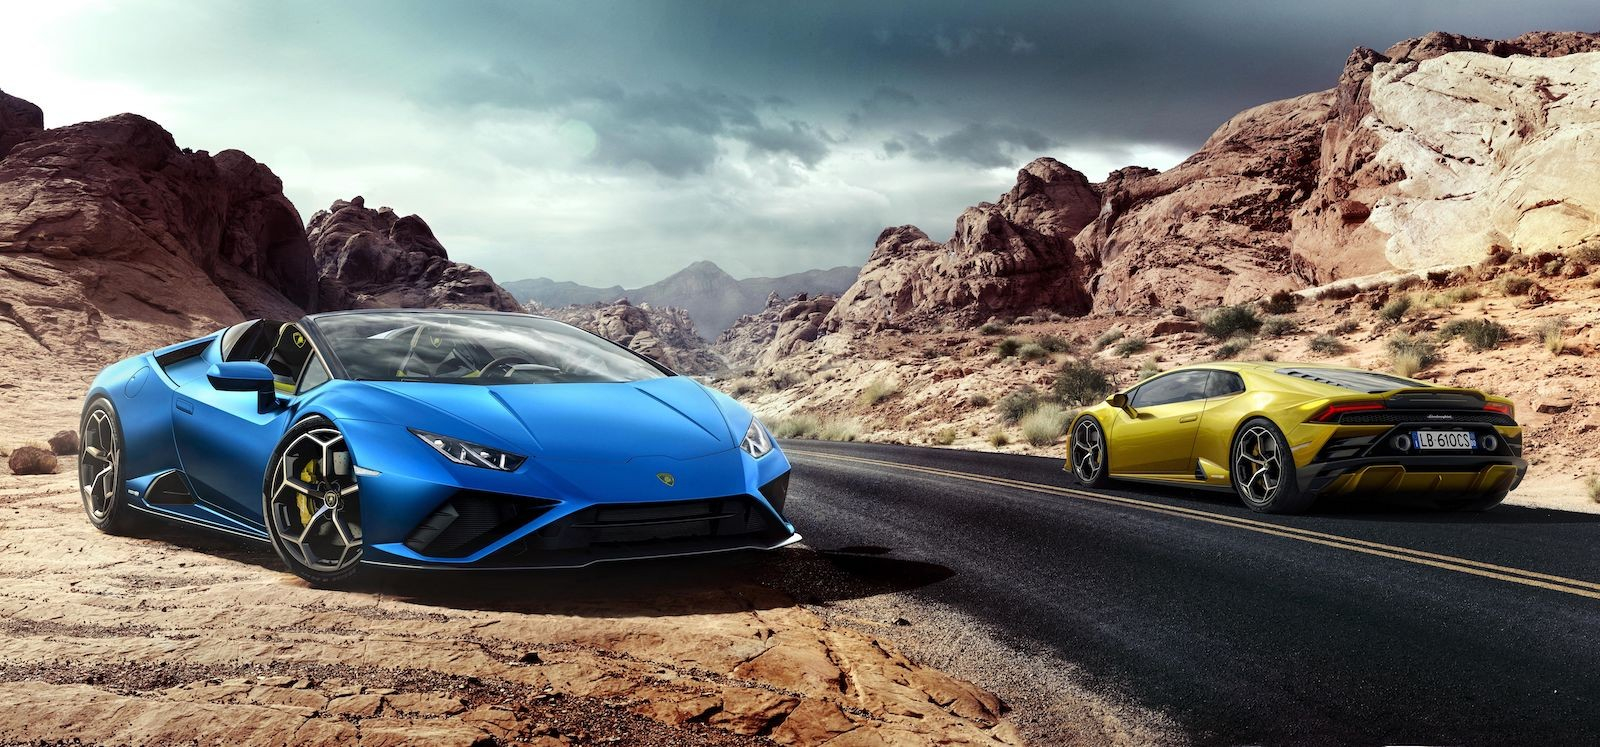 Светлое, нефильтрованное: новый Huracan Evo RWD Spyder вернул Lamborghini к жизни